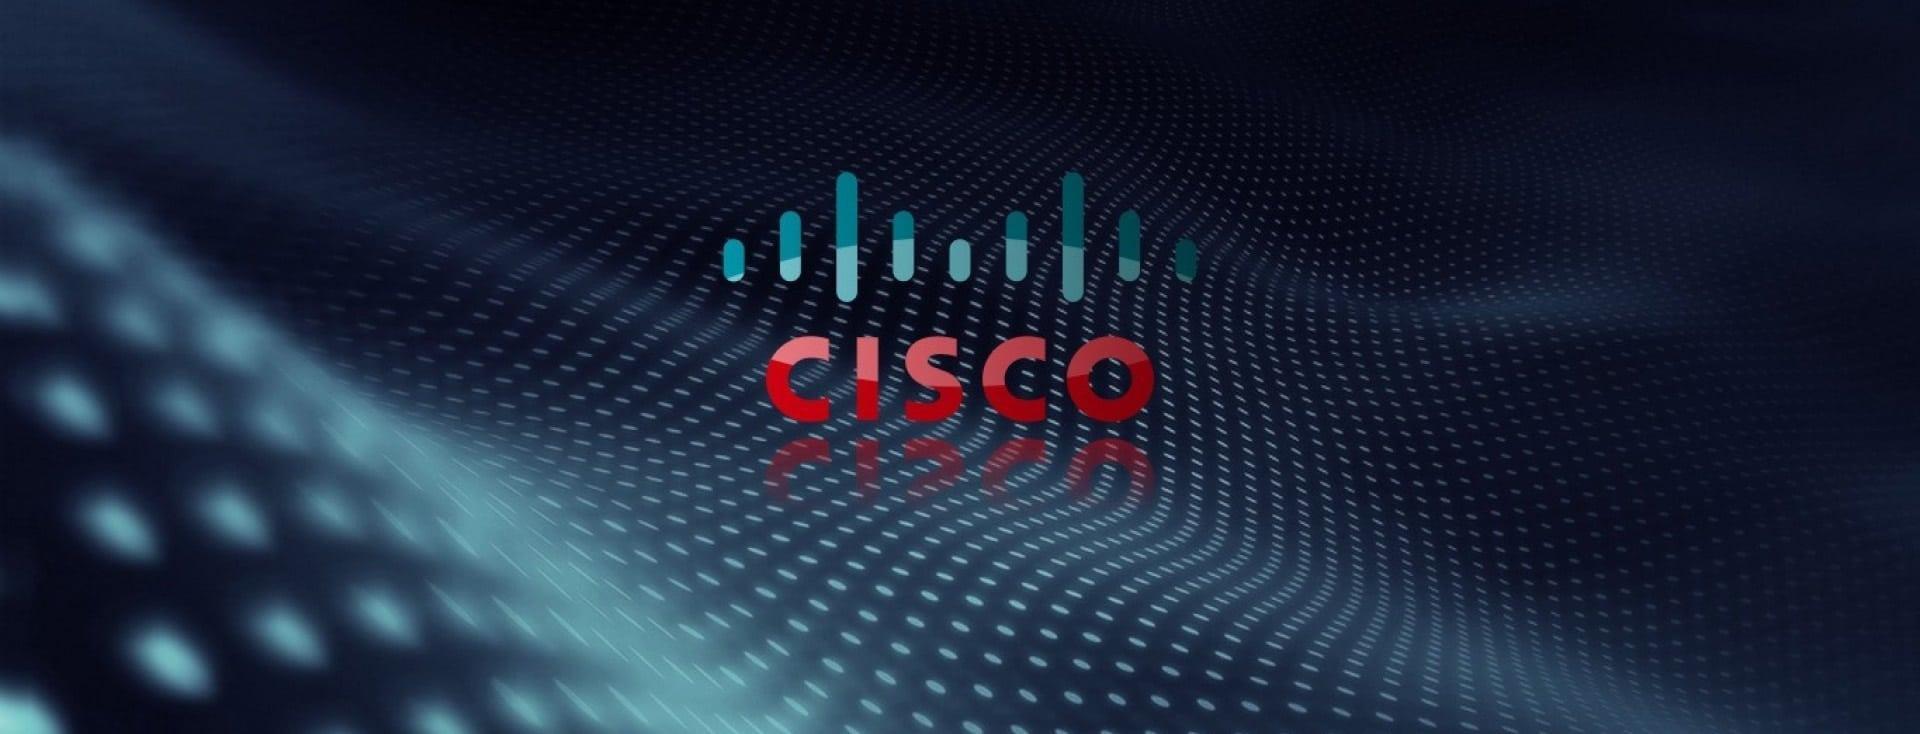 cisco-banner page.jpg